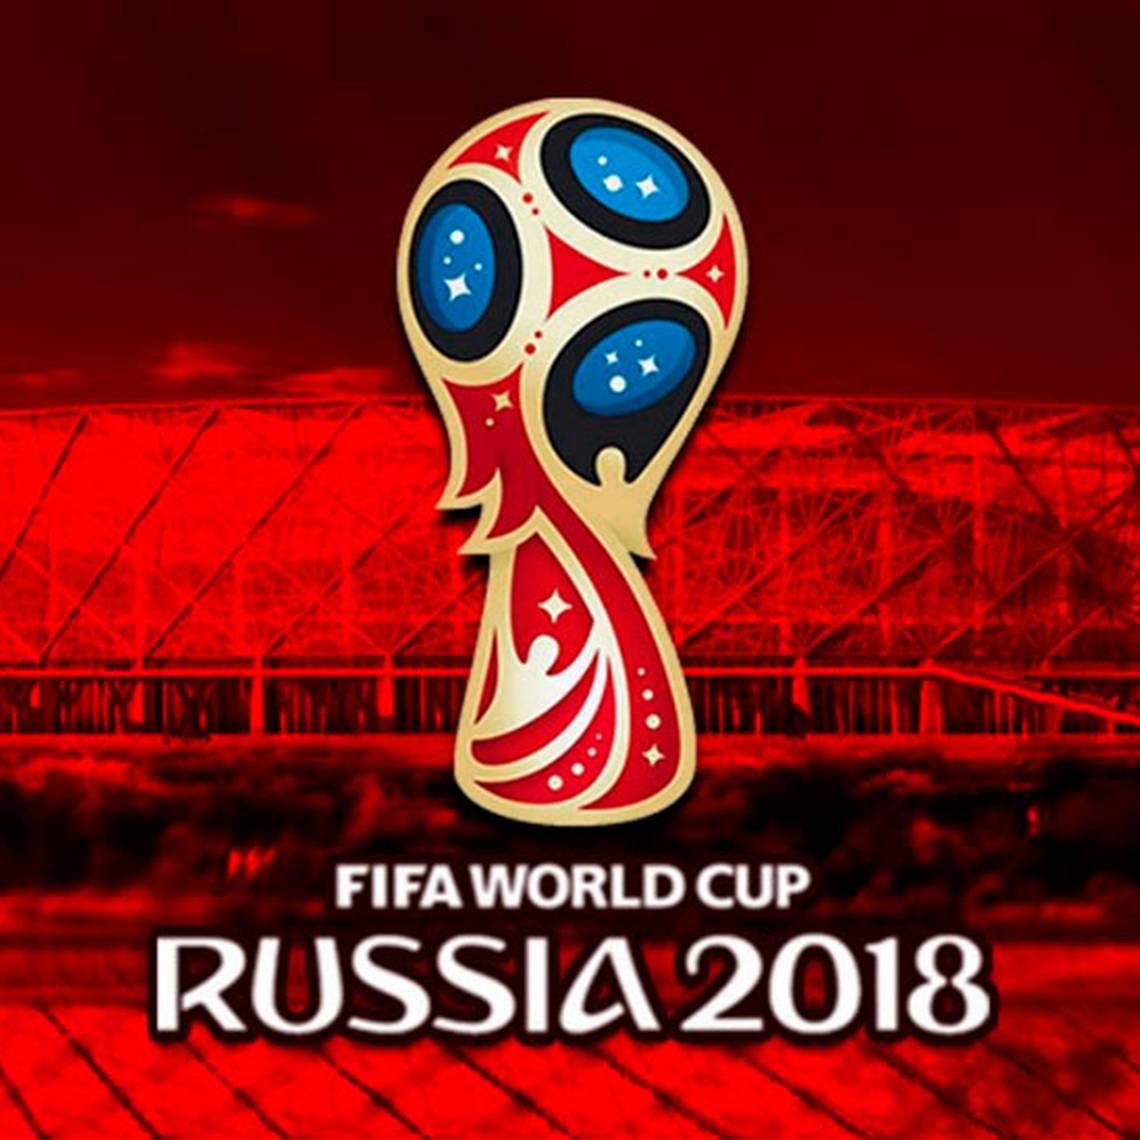 Rusia 2018: Hoy comenzó la primera fase de venta de entradas